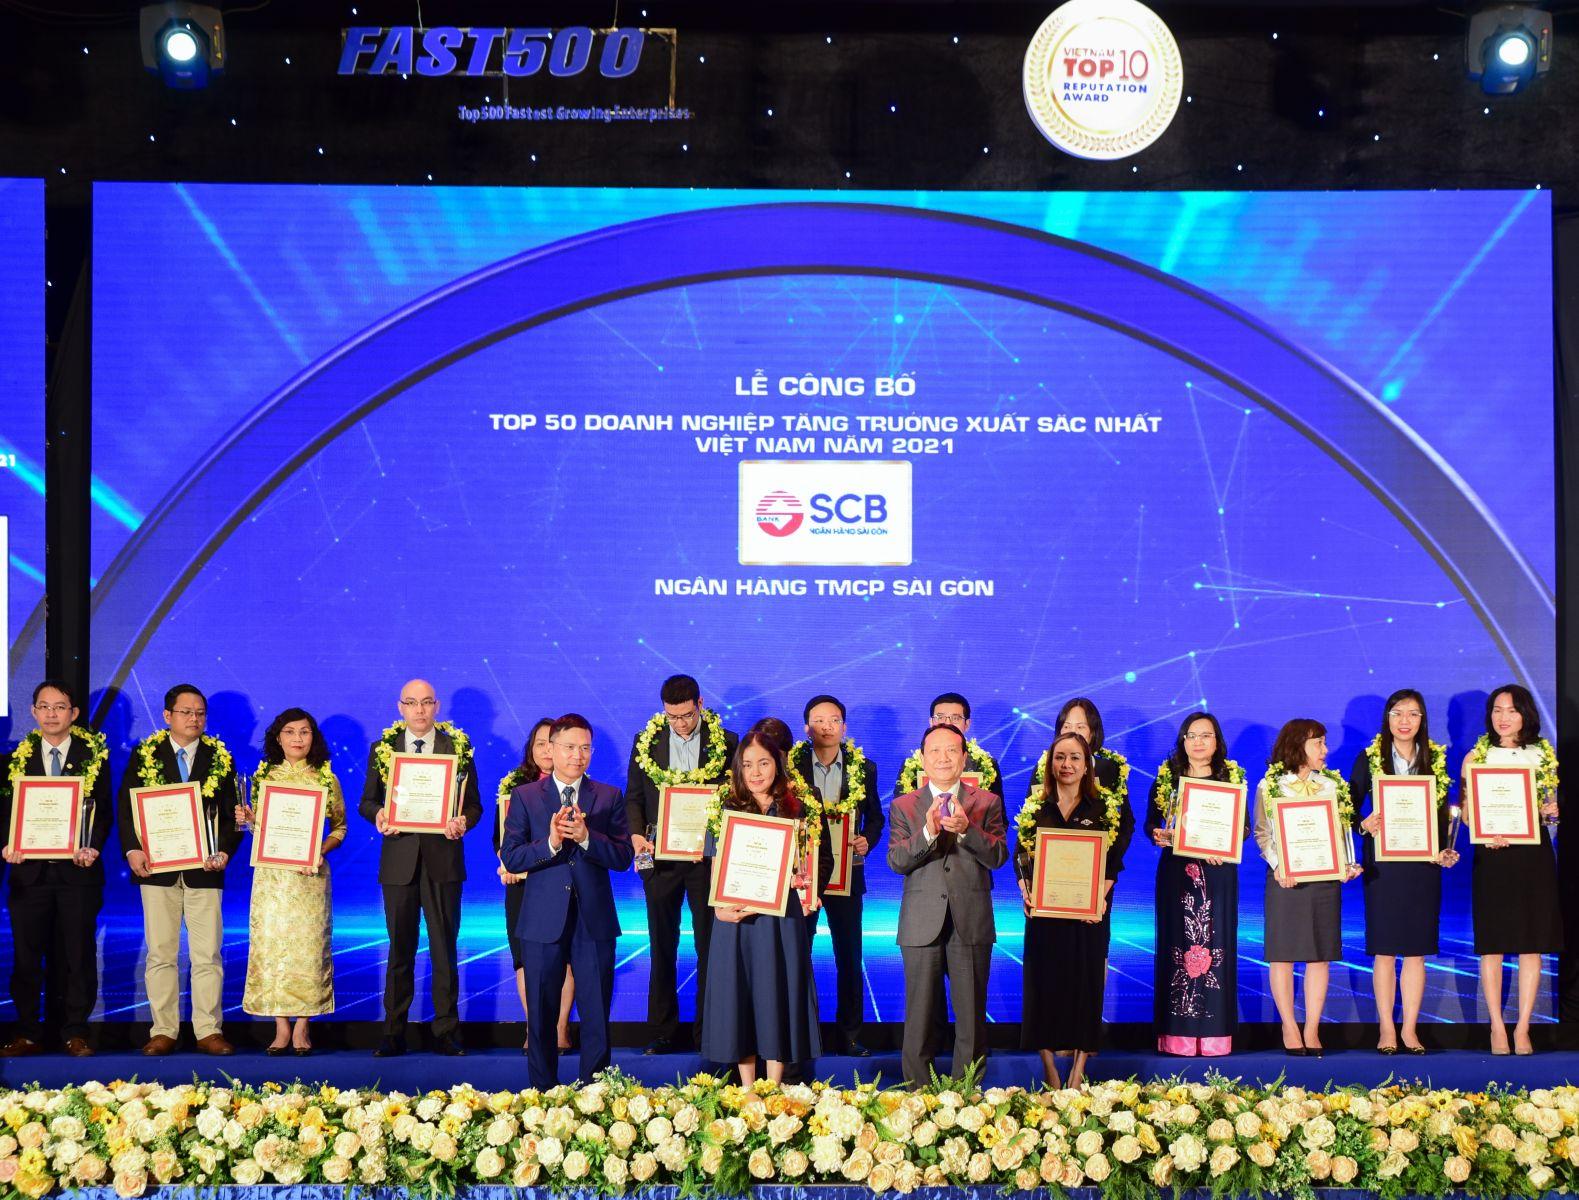 Đại diện SCB nhận giải Top 50 Doanh nghiệp tăng trưởng xuất sắc nhất Việt Nam năm 2021.